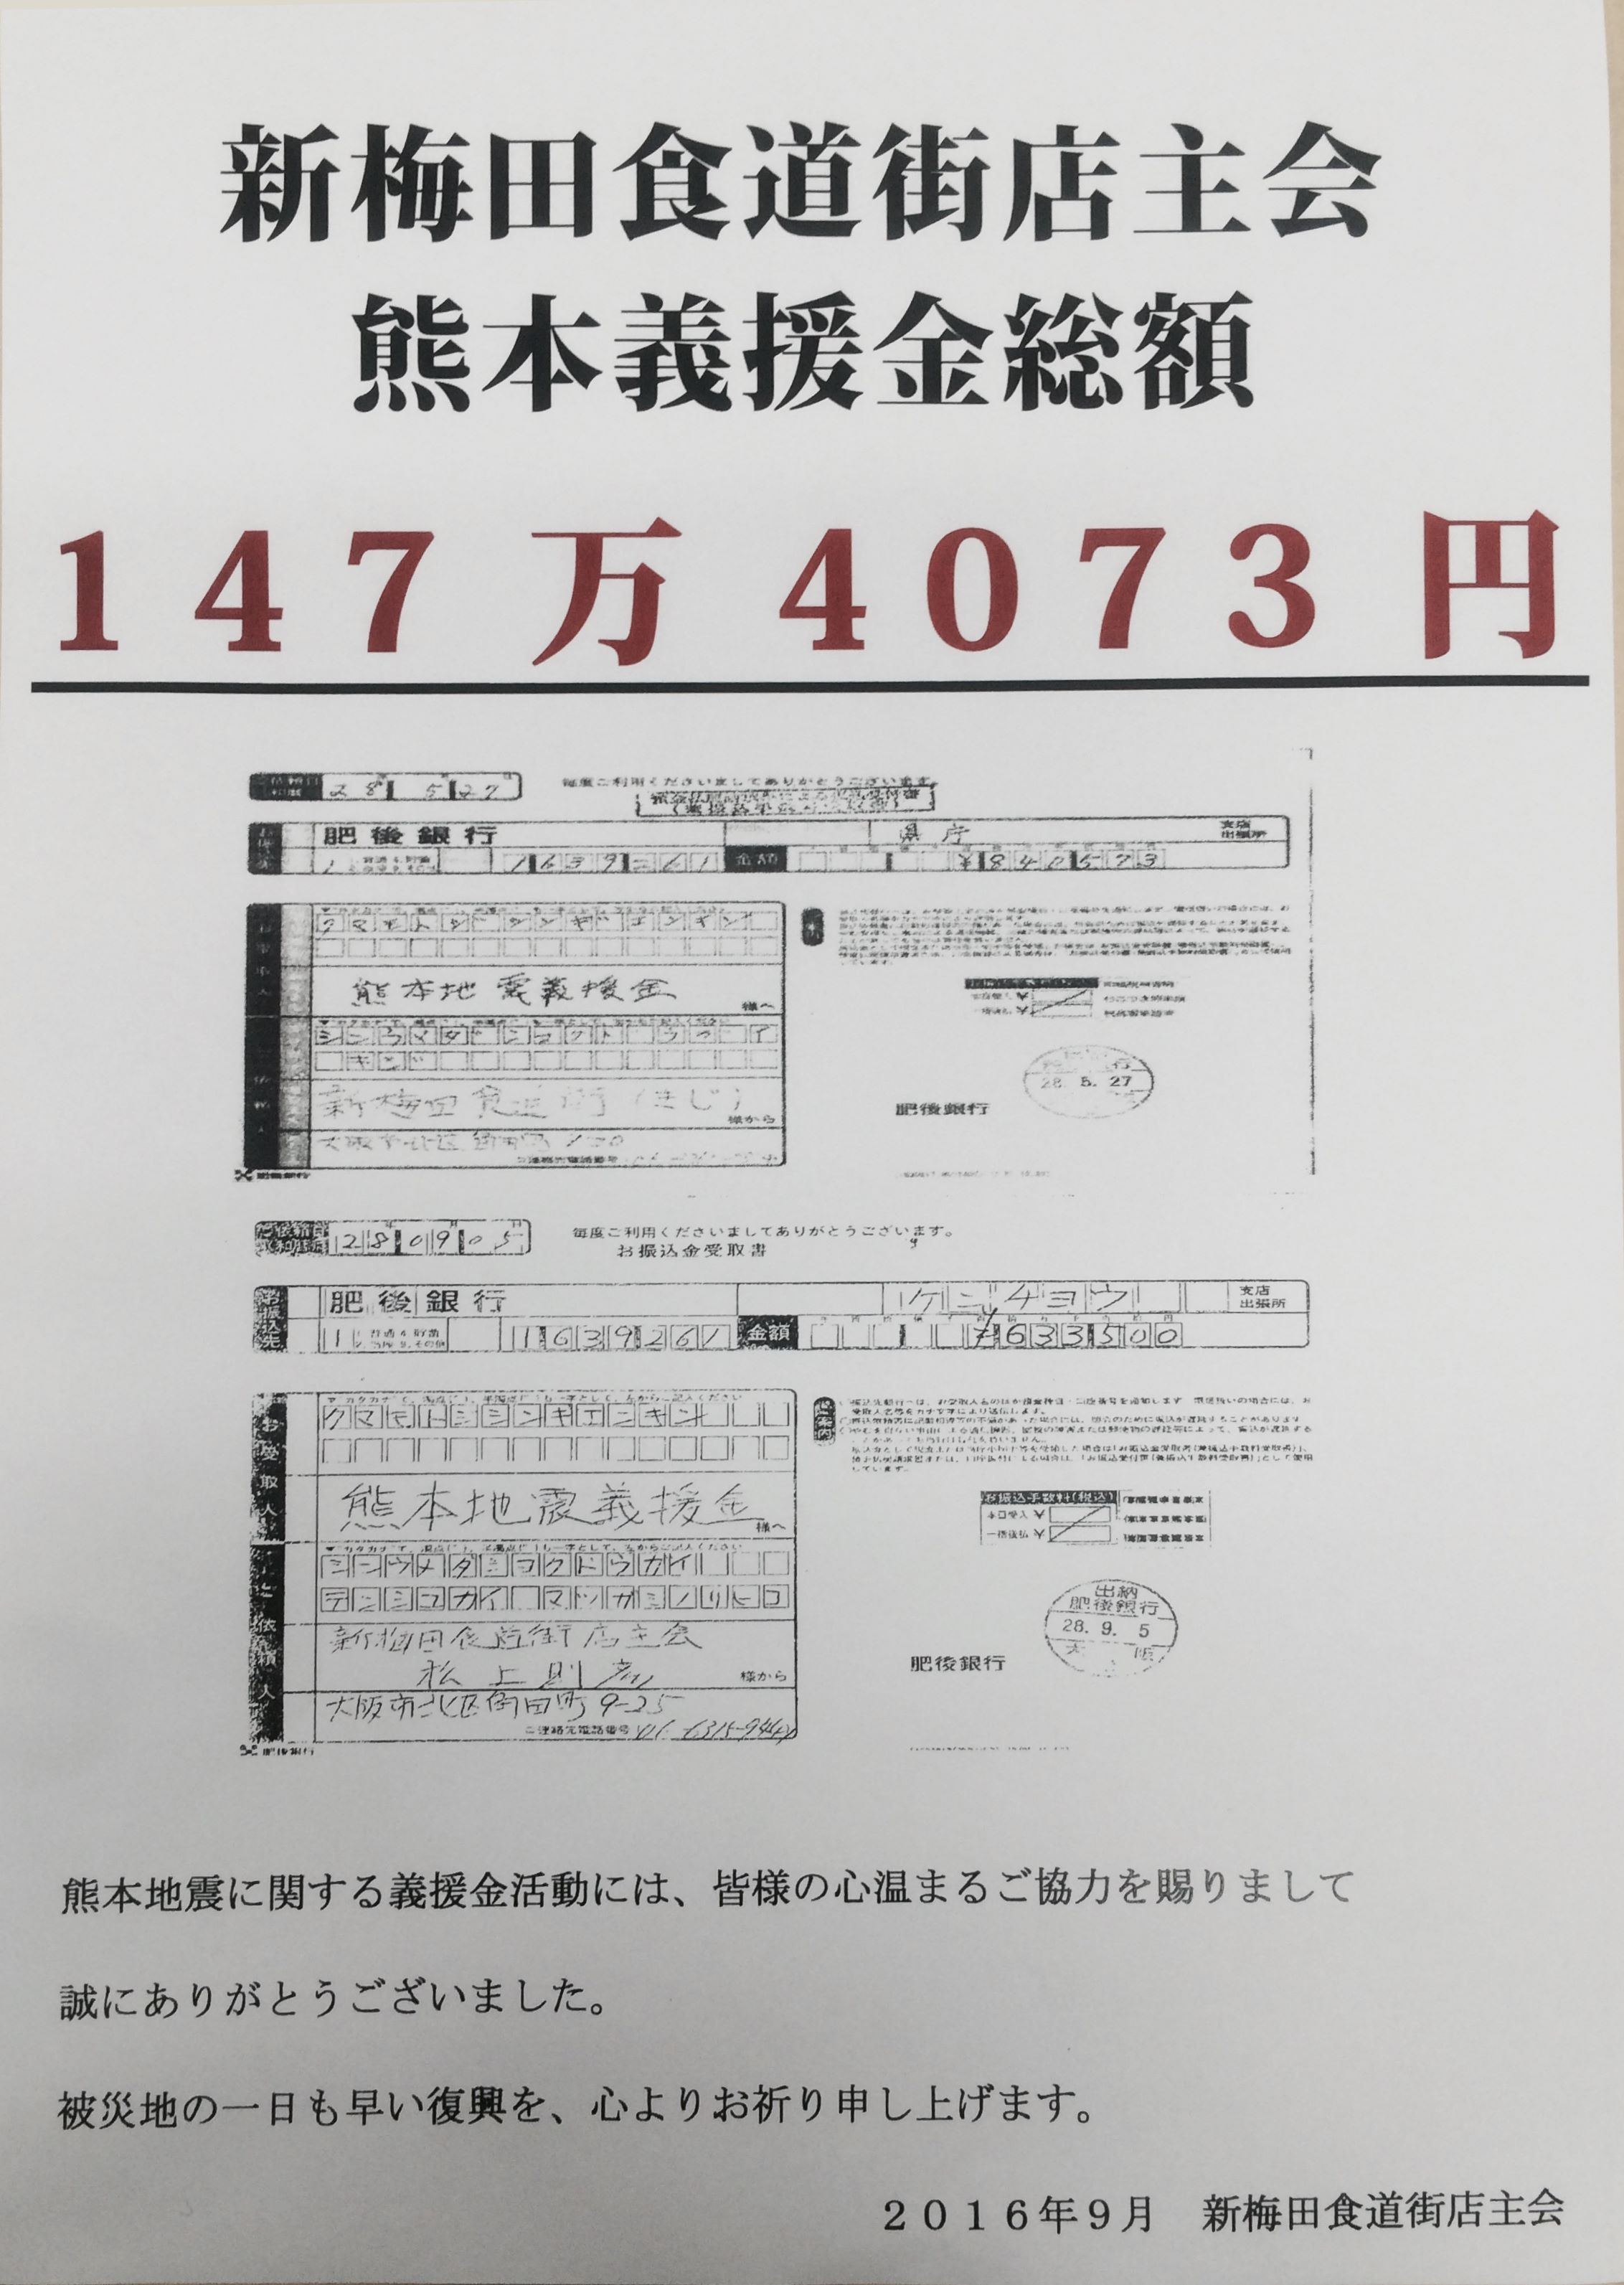 熊本地震災害義援金についてご報告 トップページ画像